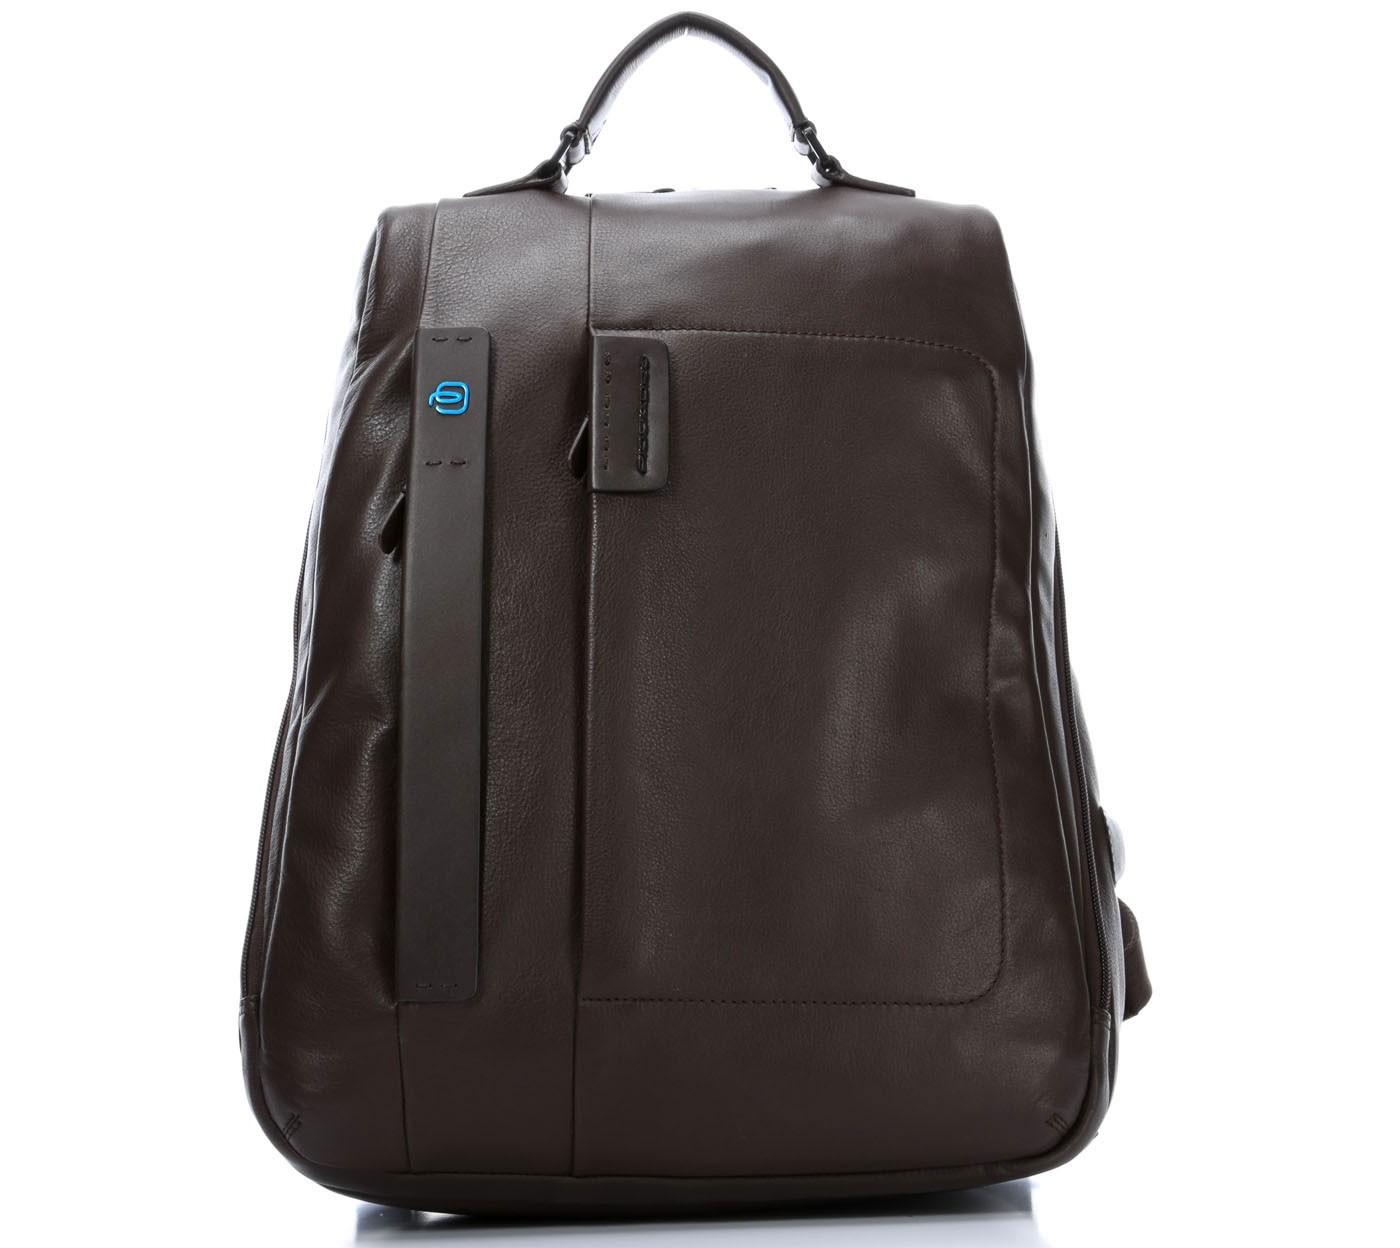 Кожаный коричневый рюкзак для ноутбука Piquadro Pulse